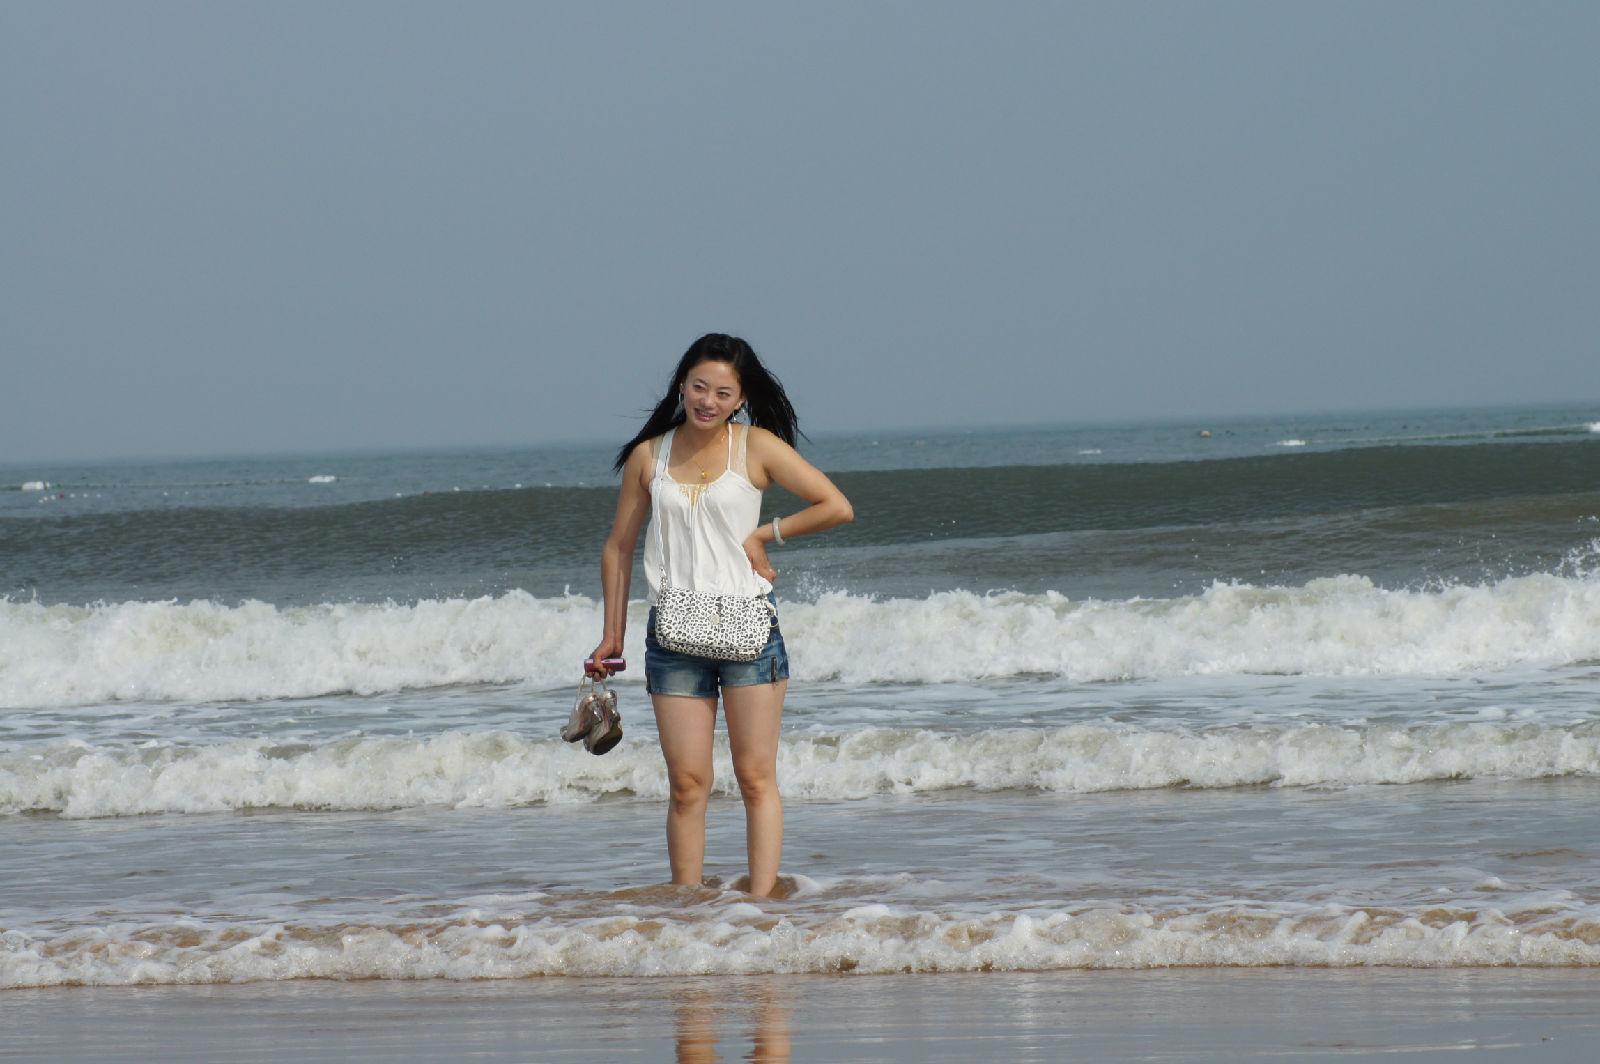 海滩美女 青州吧